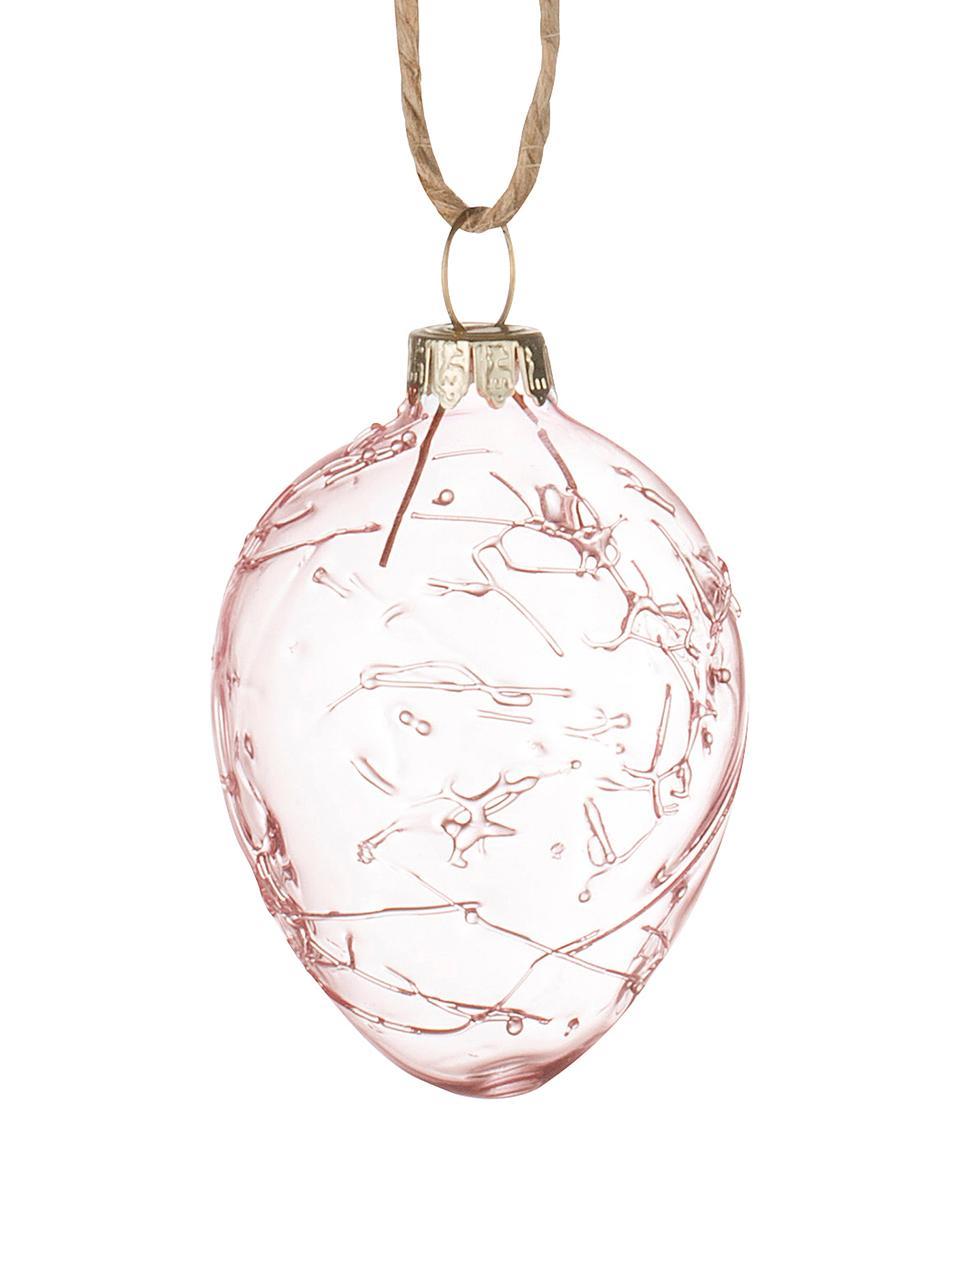 Œuf de Pâques à suspendre Clear, 3 pièces, Rose, transparent